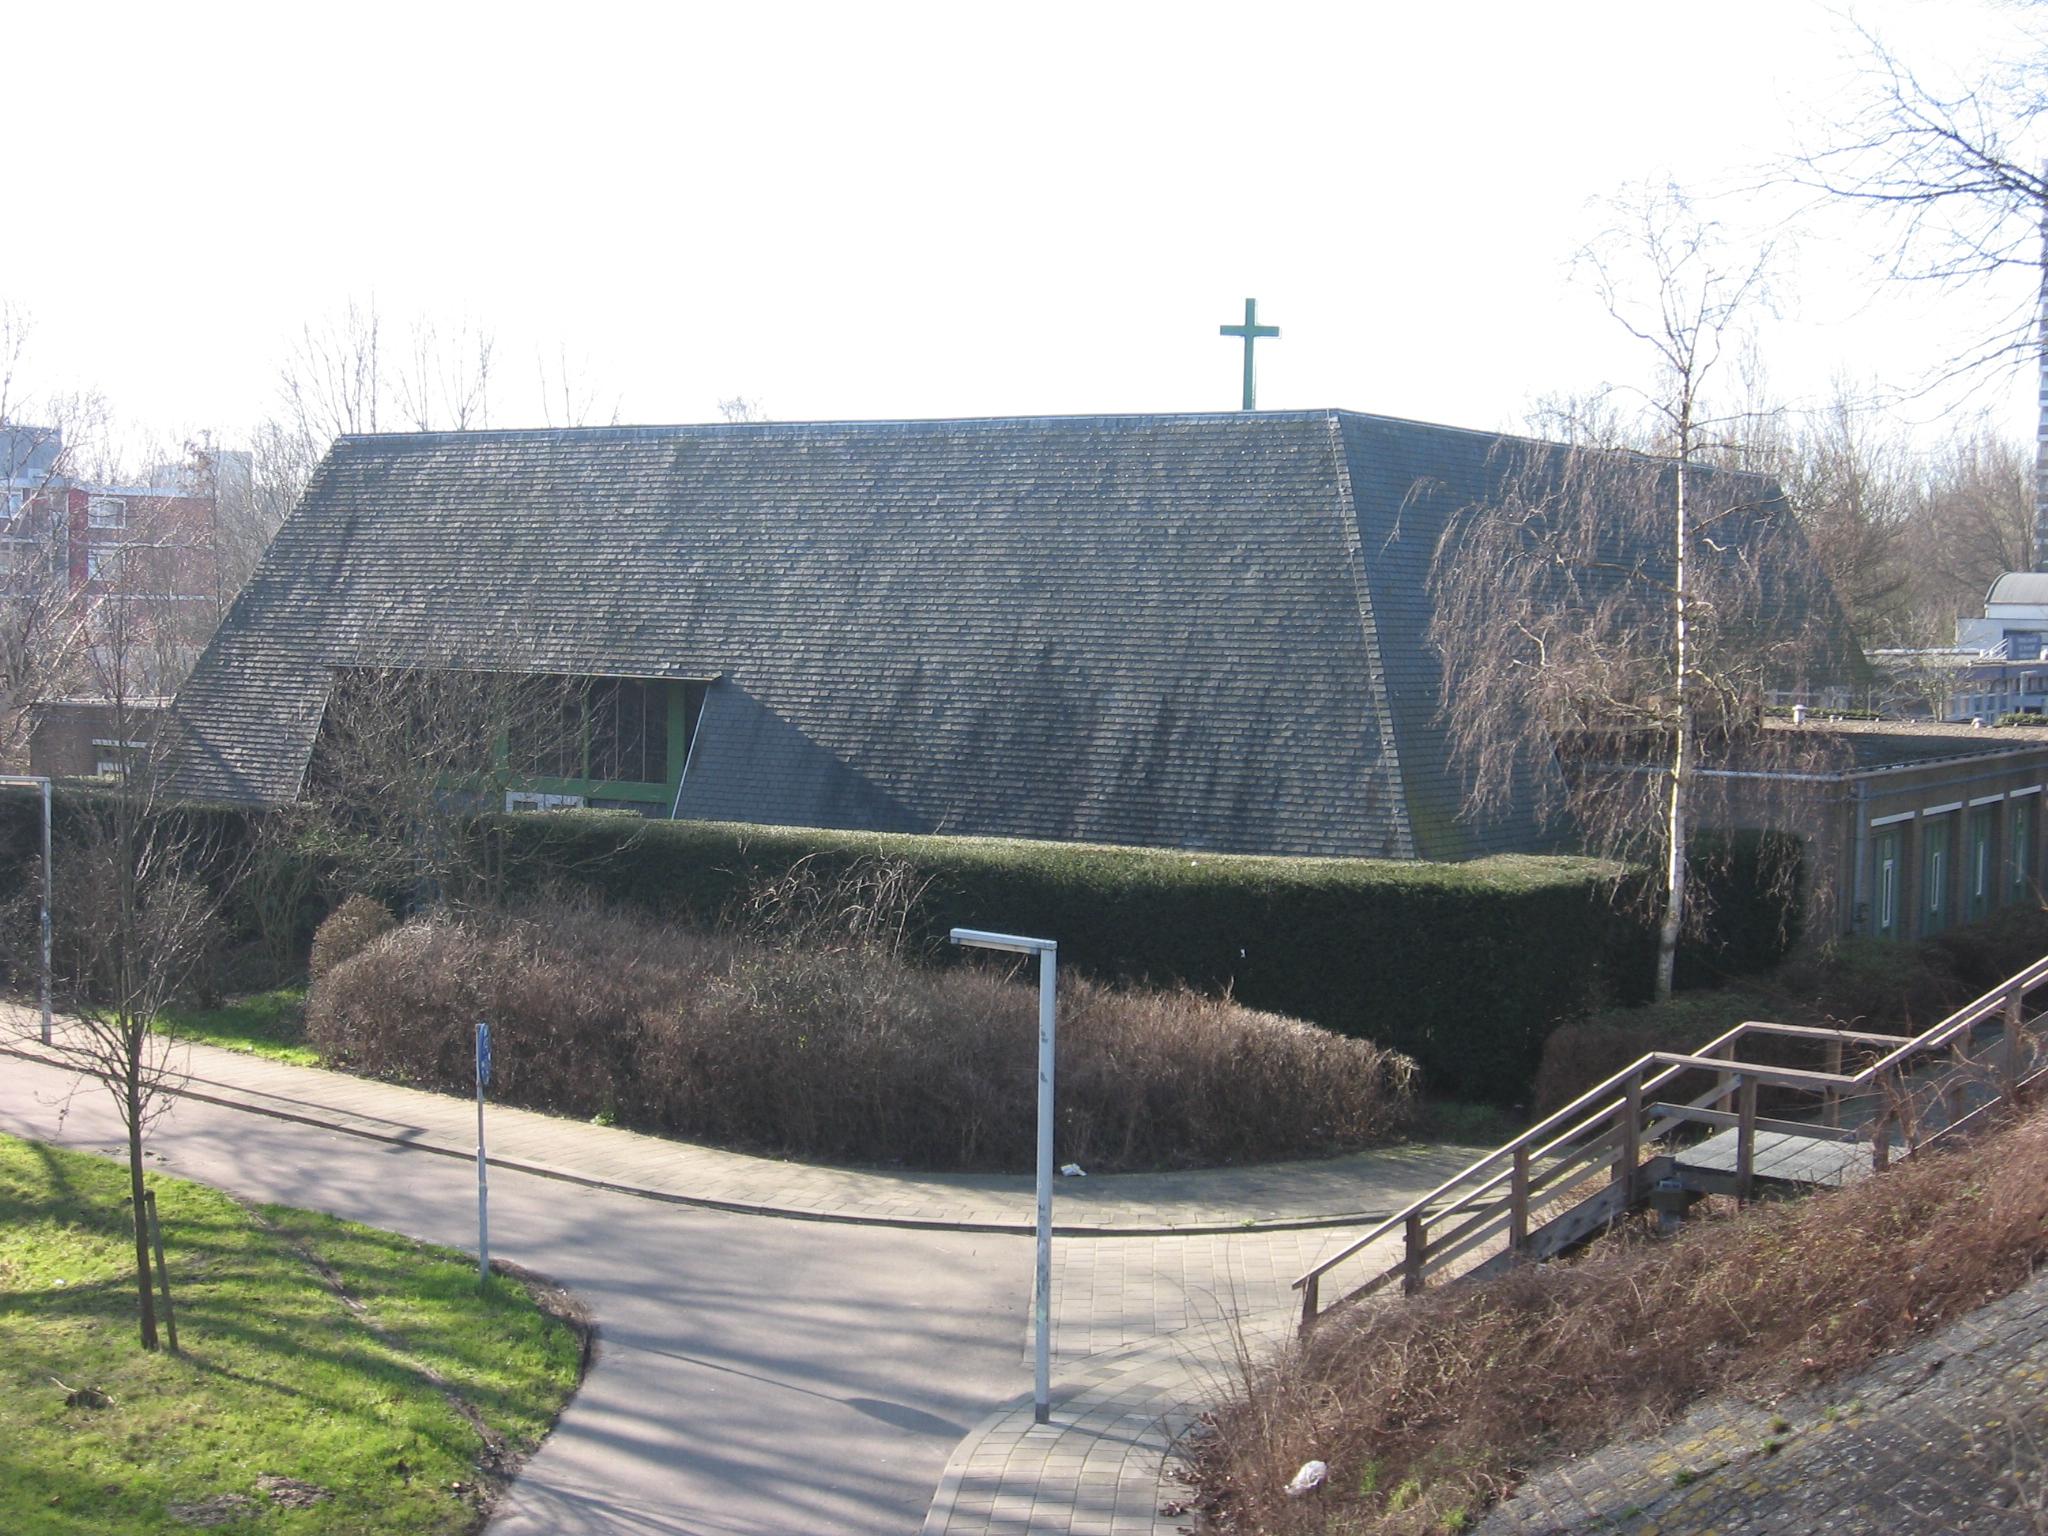 http://upload.wikimedia.org/wikipedia/commons/3/35/Delft_-_Vierhovenkerk_1.jpg